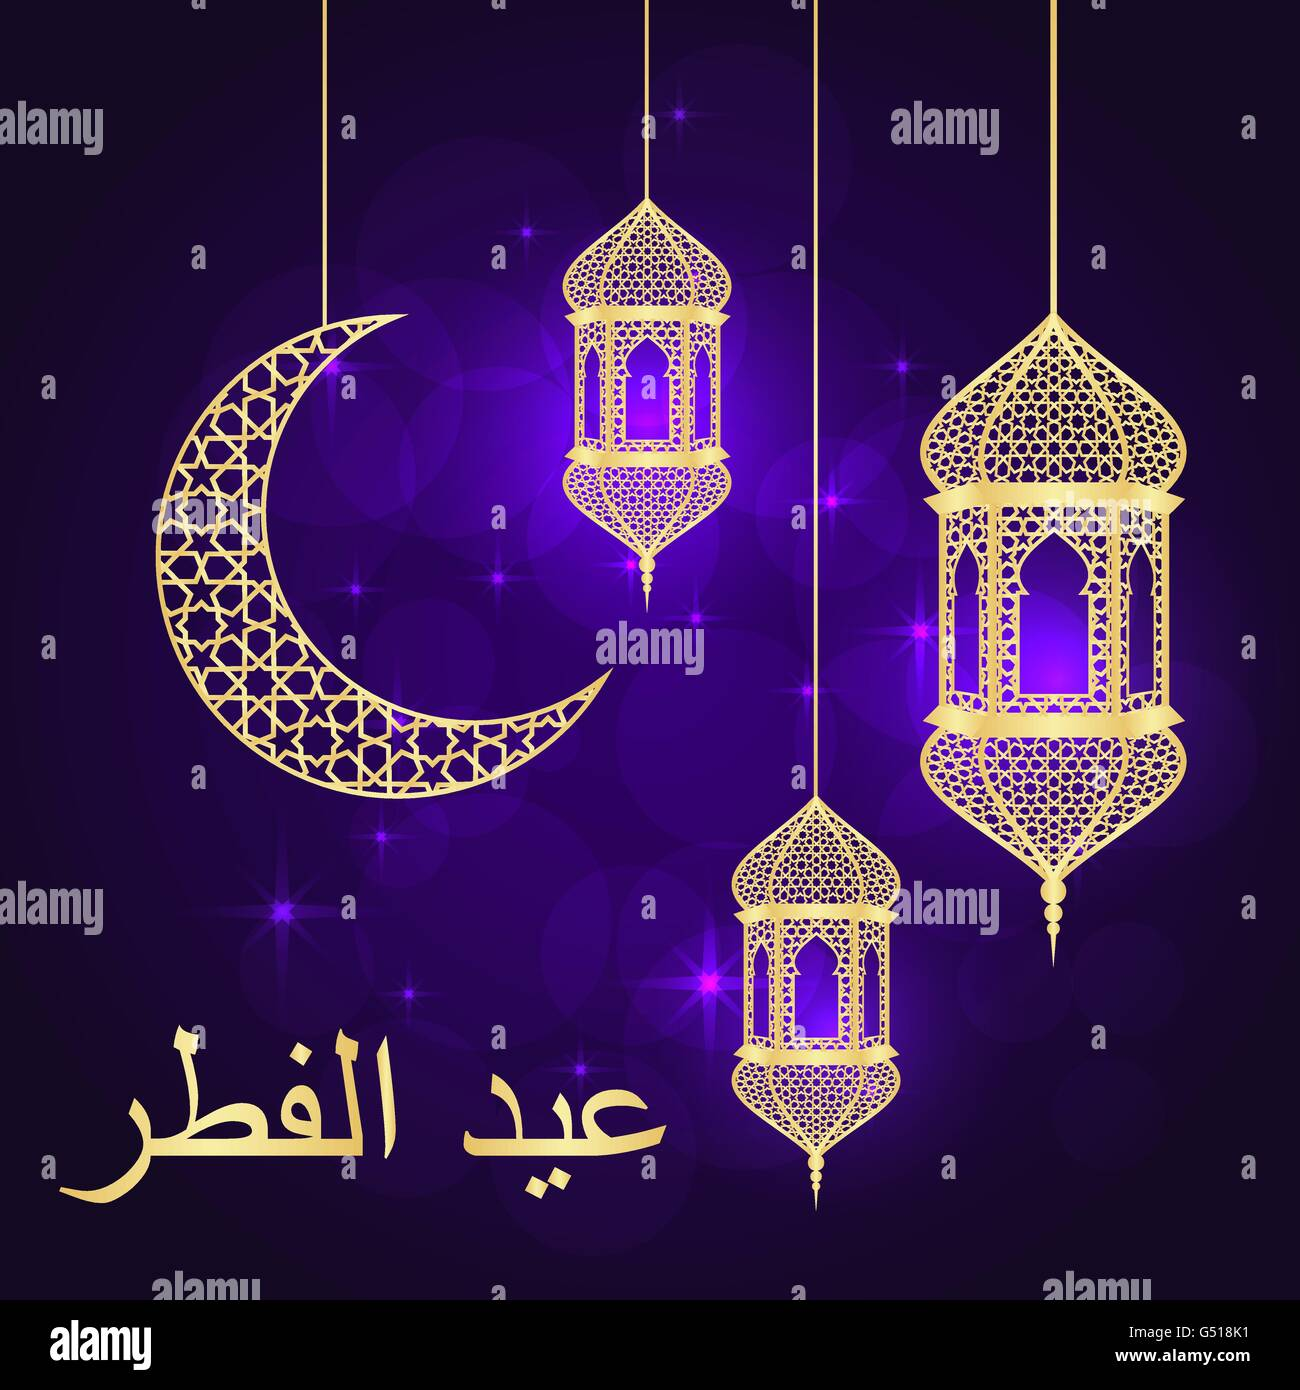 Simple Today Eid Al-Fitr Greeting - eid-al-fitr-greeting-G518K1  You Should Have_472876 .jpg